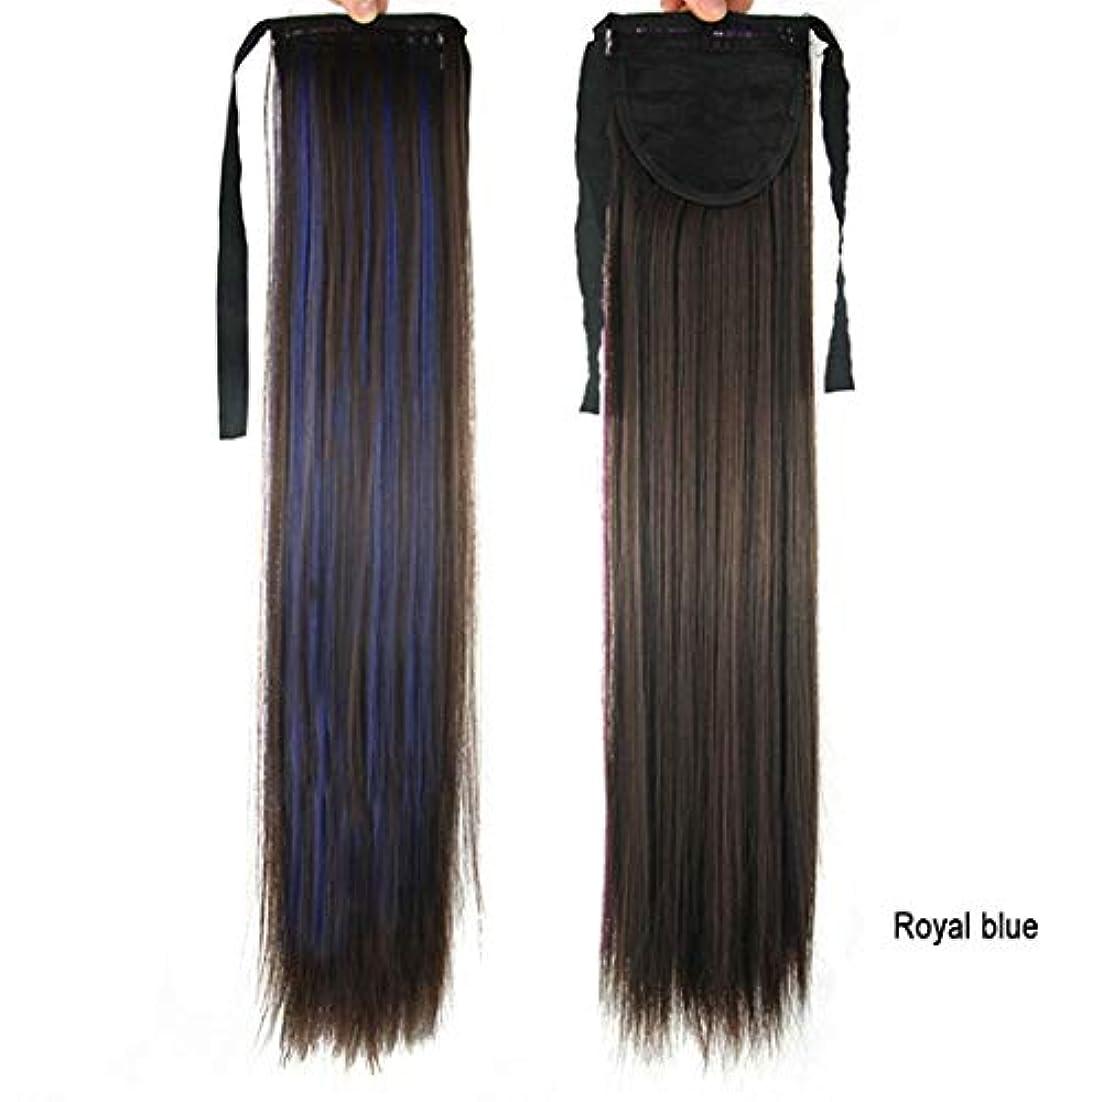 ソフィーできればバイアスJIANFU 女性の成長ストレートヘアポニーテールグラデーションカラーヘアポニーテールストレートヘアカラーポニーテールヘアピース (色 : Royal blue)